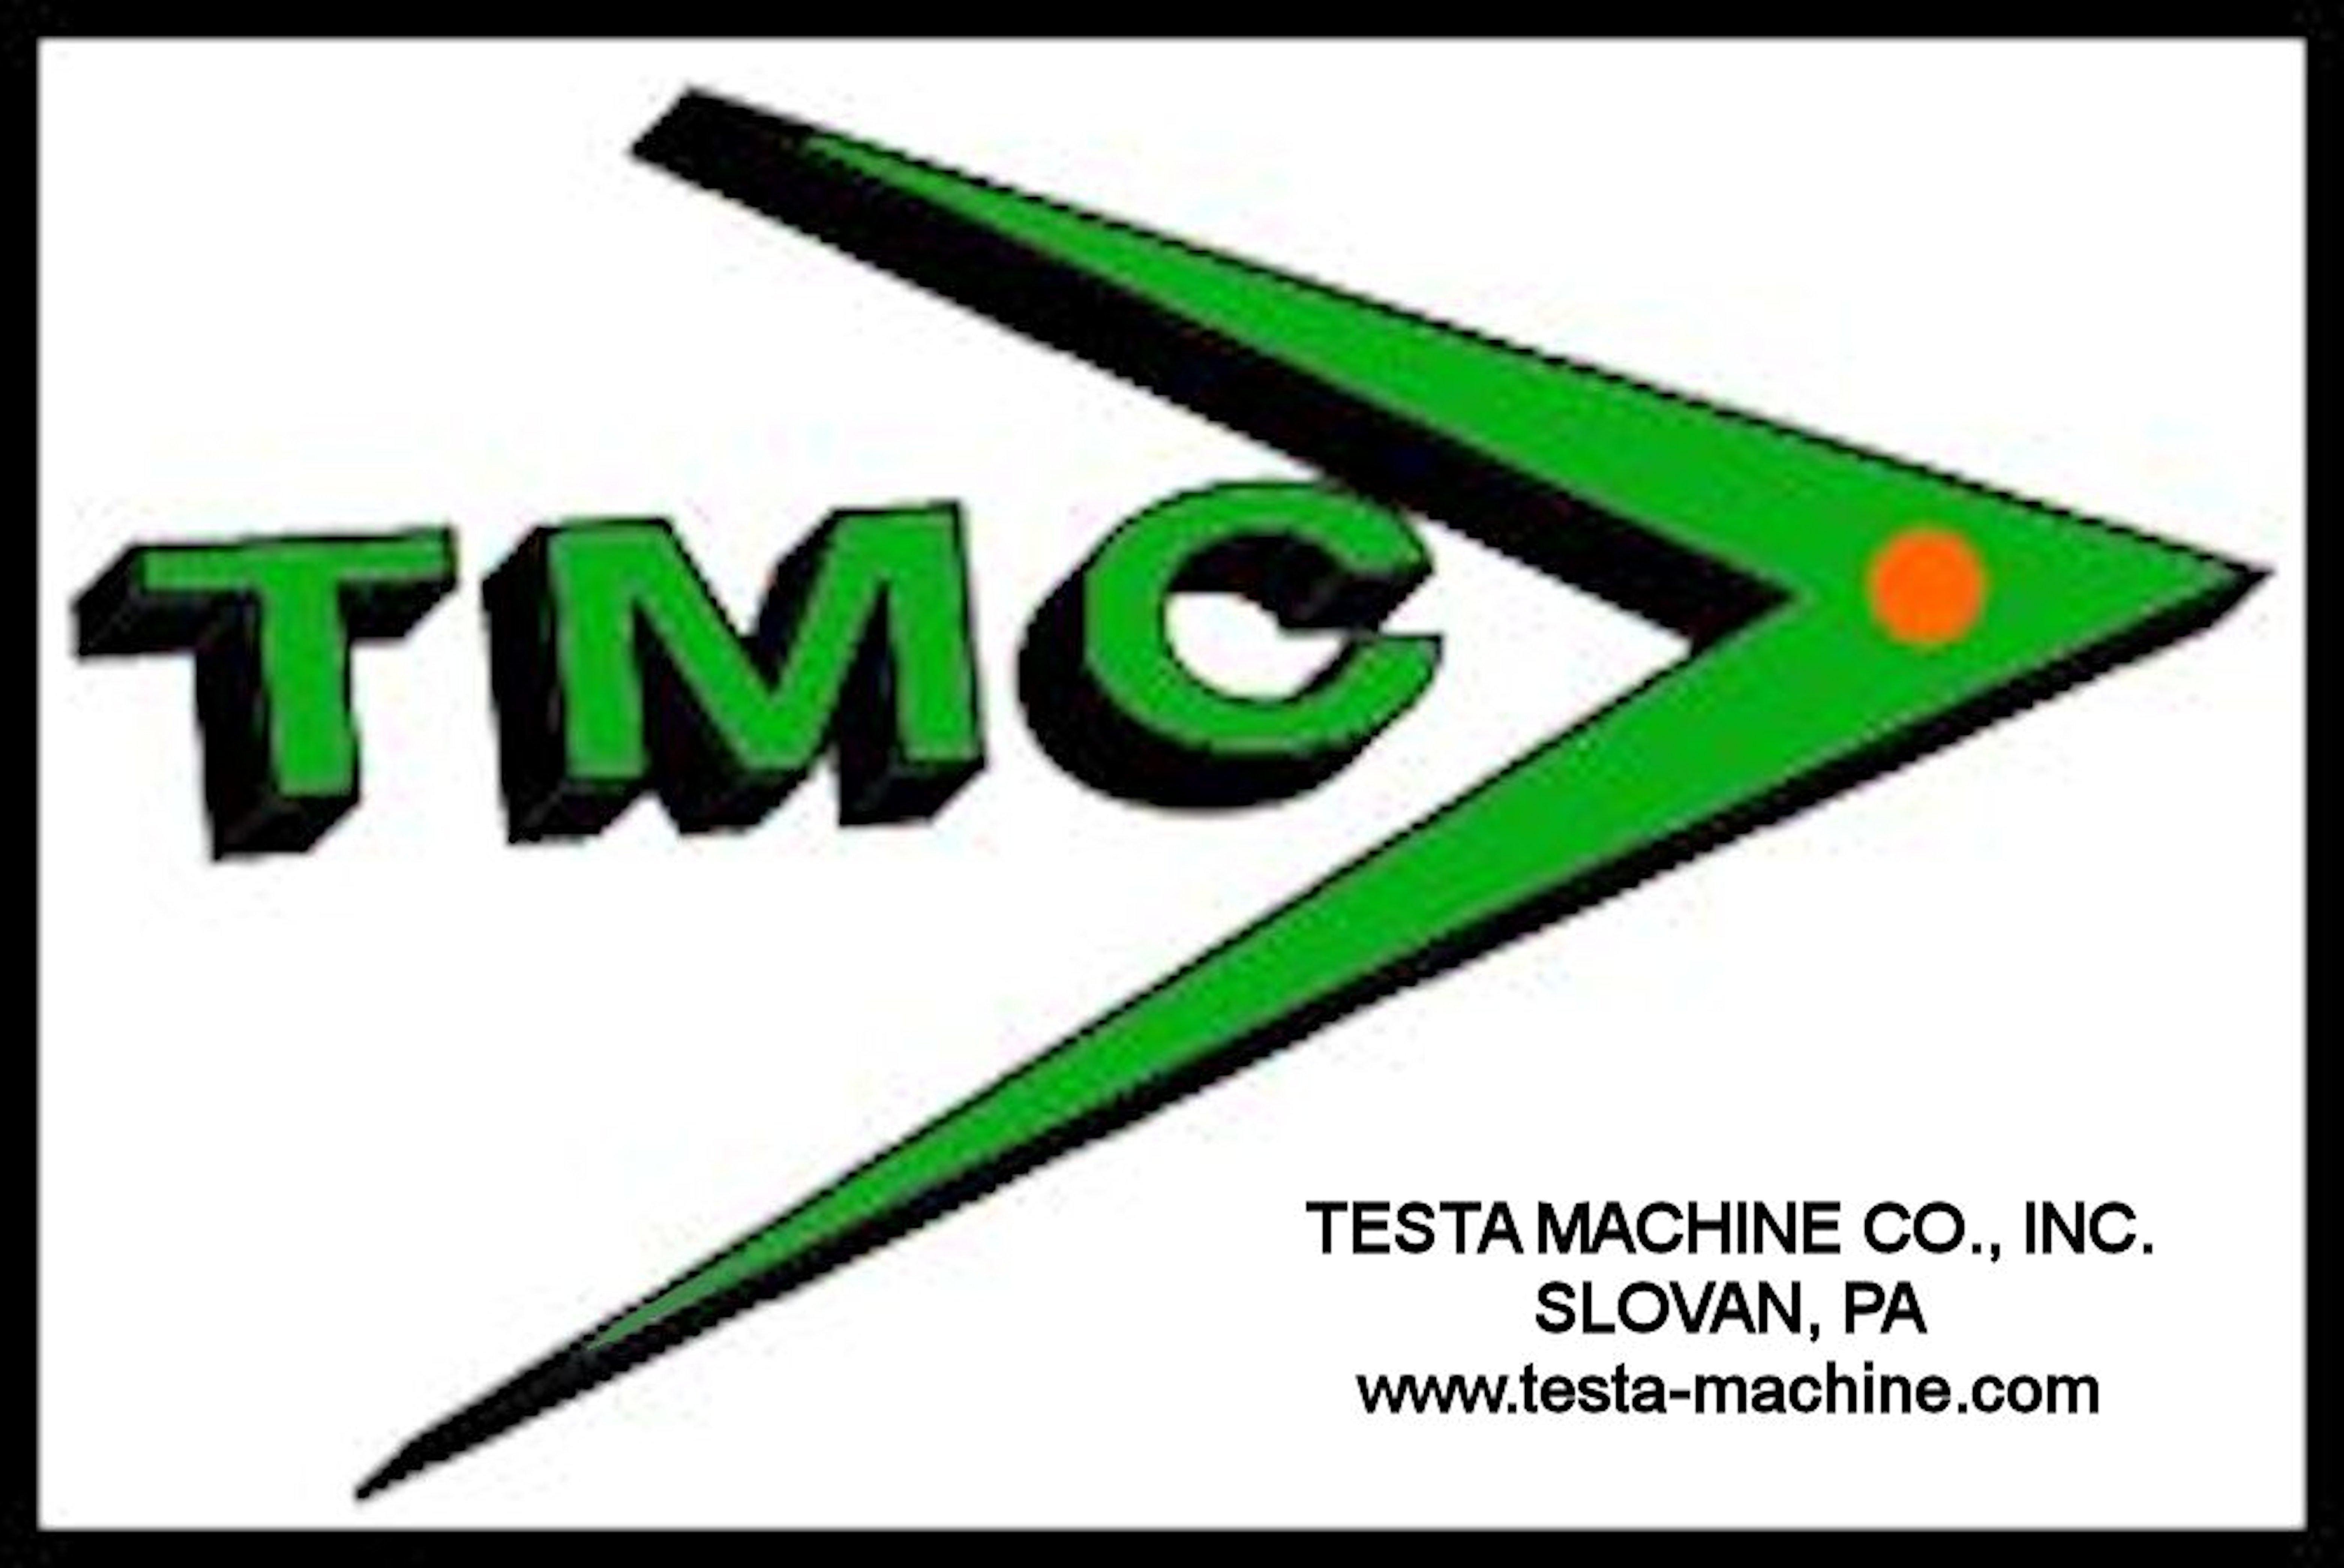 TESTA MACHINE